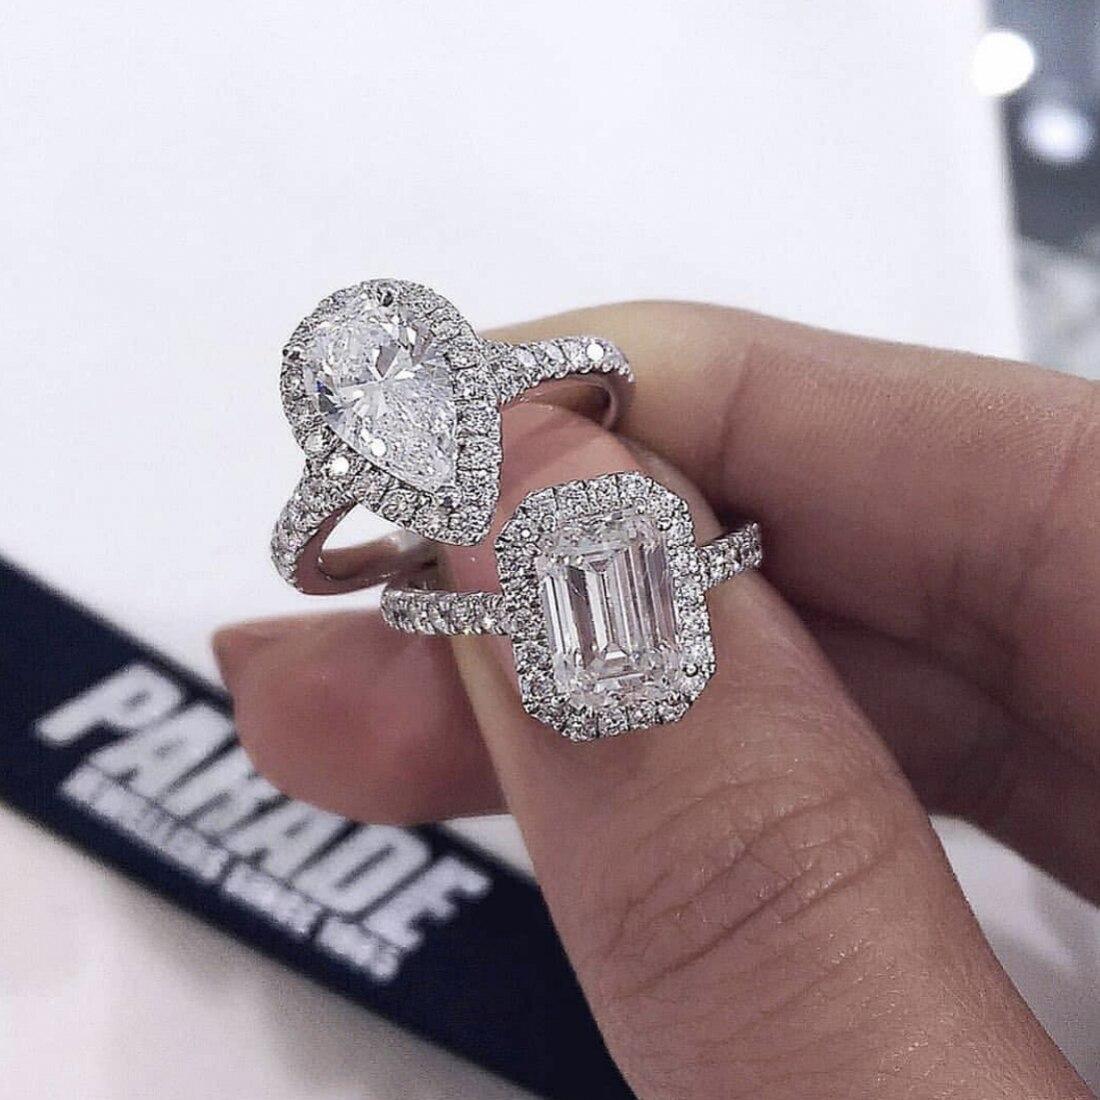 Mode S925 Sterling Silber Ringe Für Frauen Braut Hochzeit Platz 4ct Diamant ring Schmuck Engagement 18K Weiß Gold Anillos